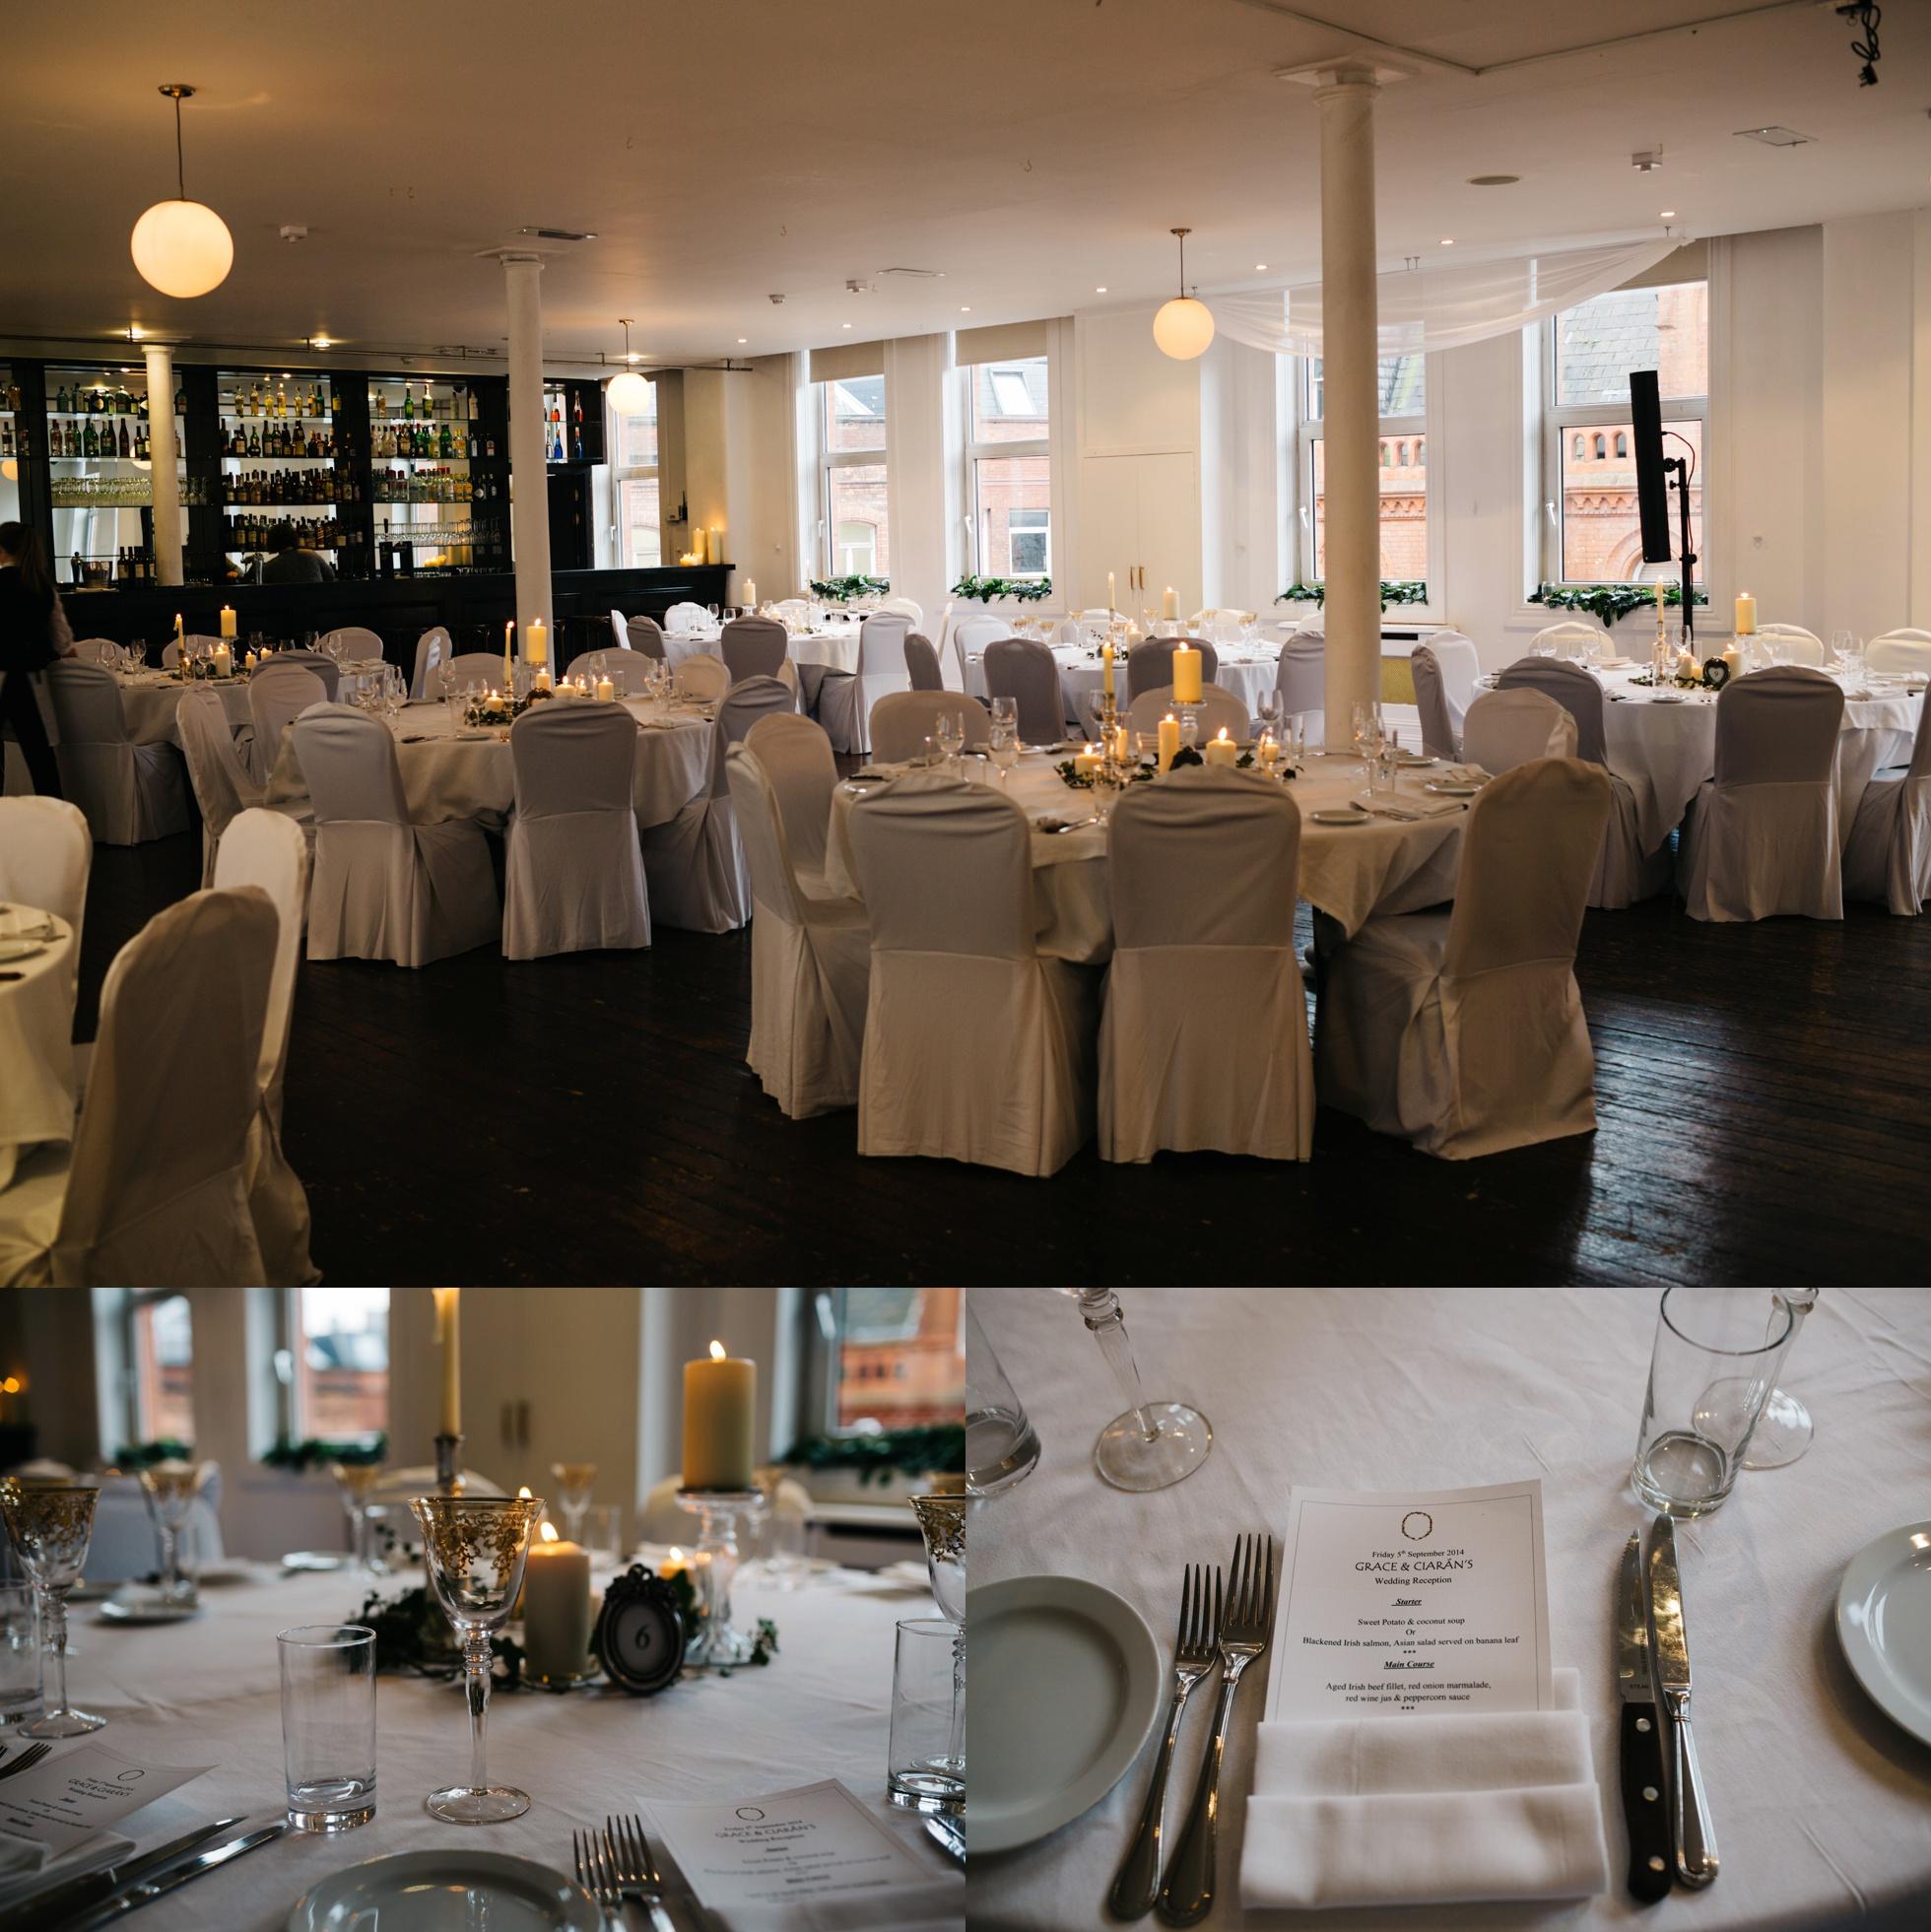 wedding photographer ireland, fallon and byrne restaurant, dublin